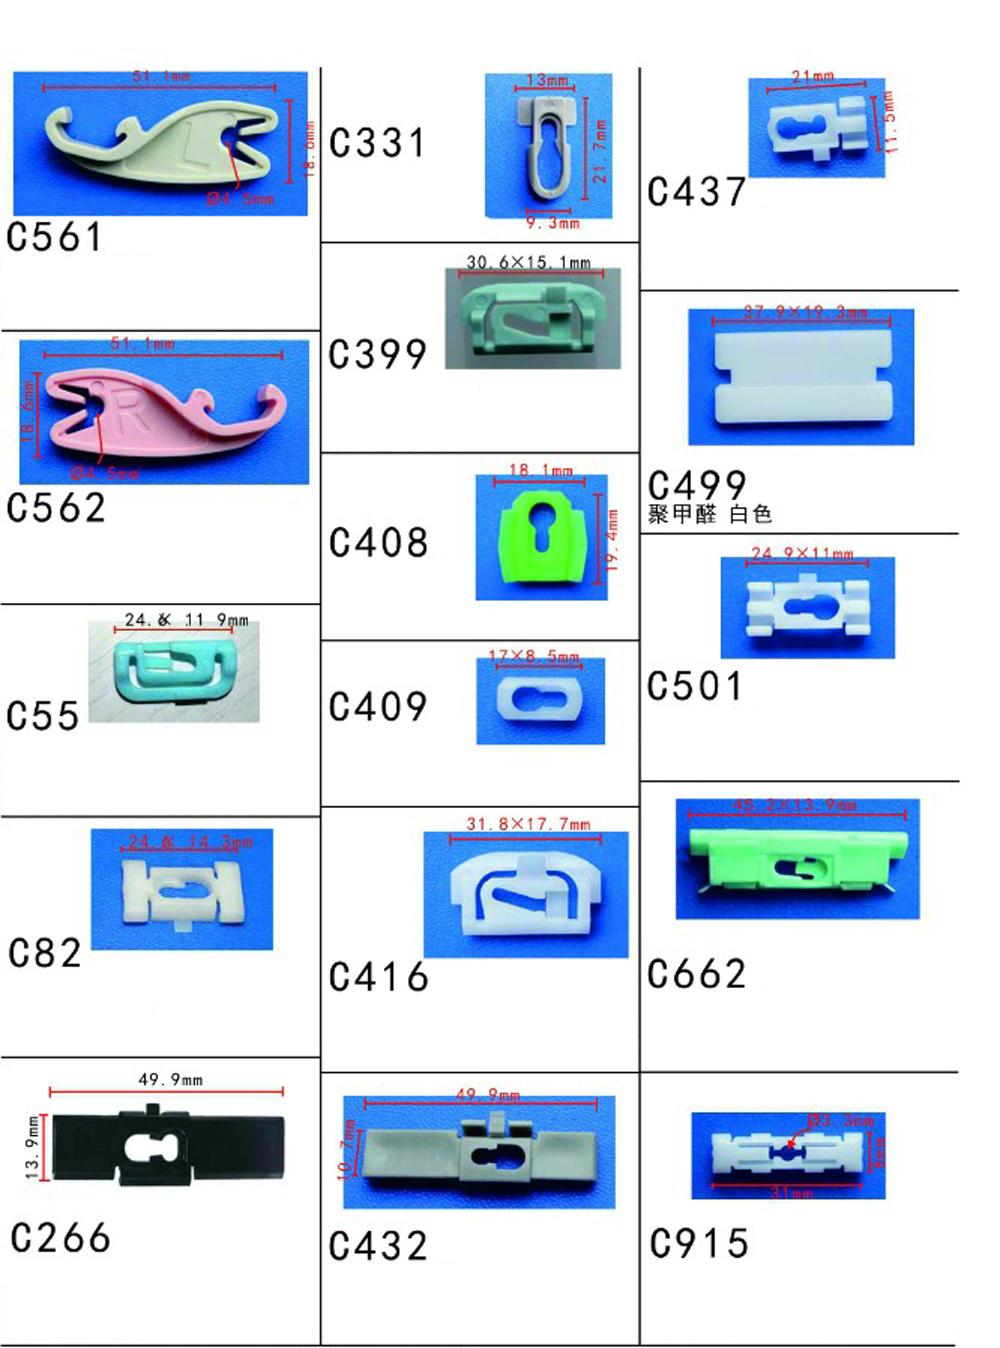 Gói 10 cái đinh tán chốt nhựa dành cho xe ô tô Fiat cao cấp sản xuất đúng theo kích thước chuẩn của nhà sản xuất xe hơi